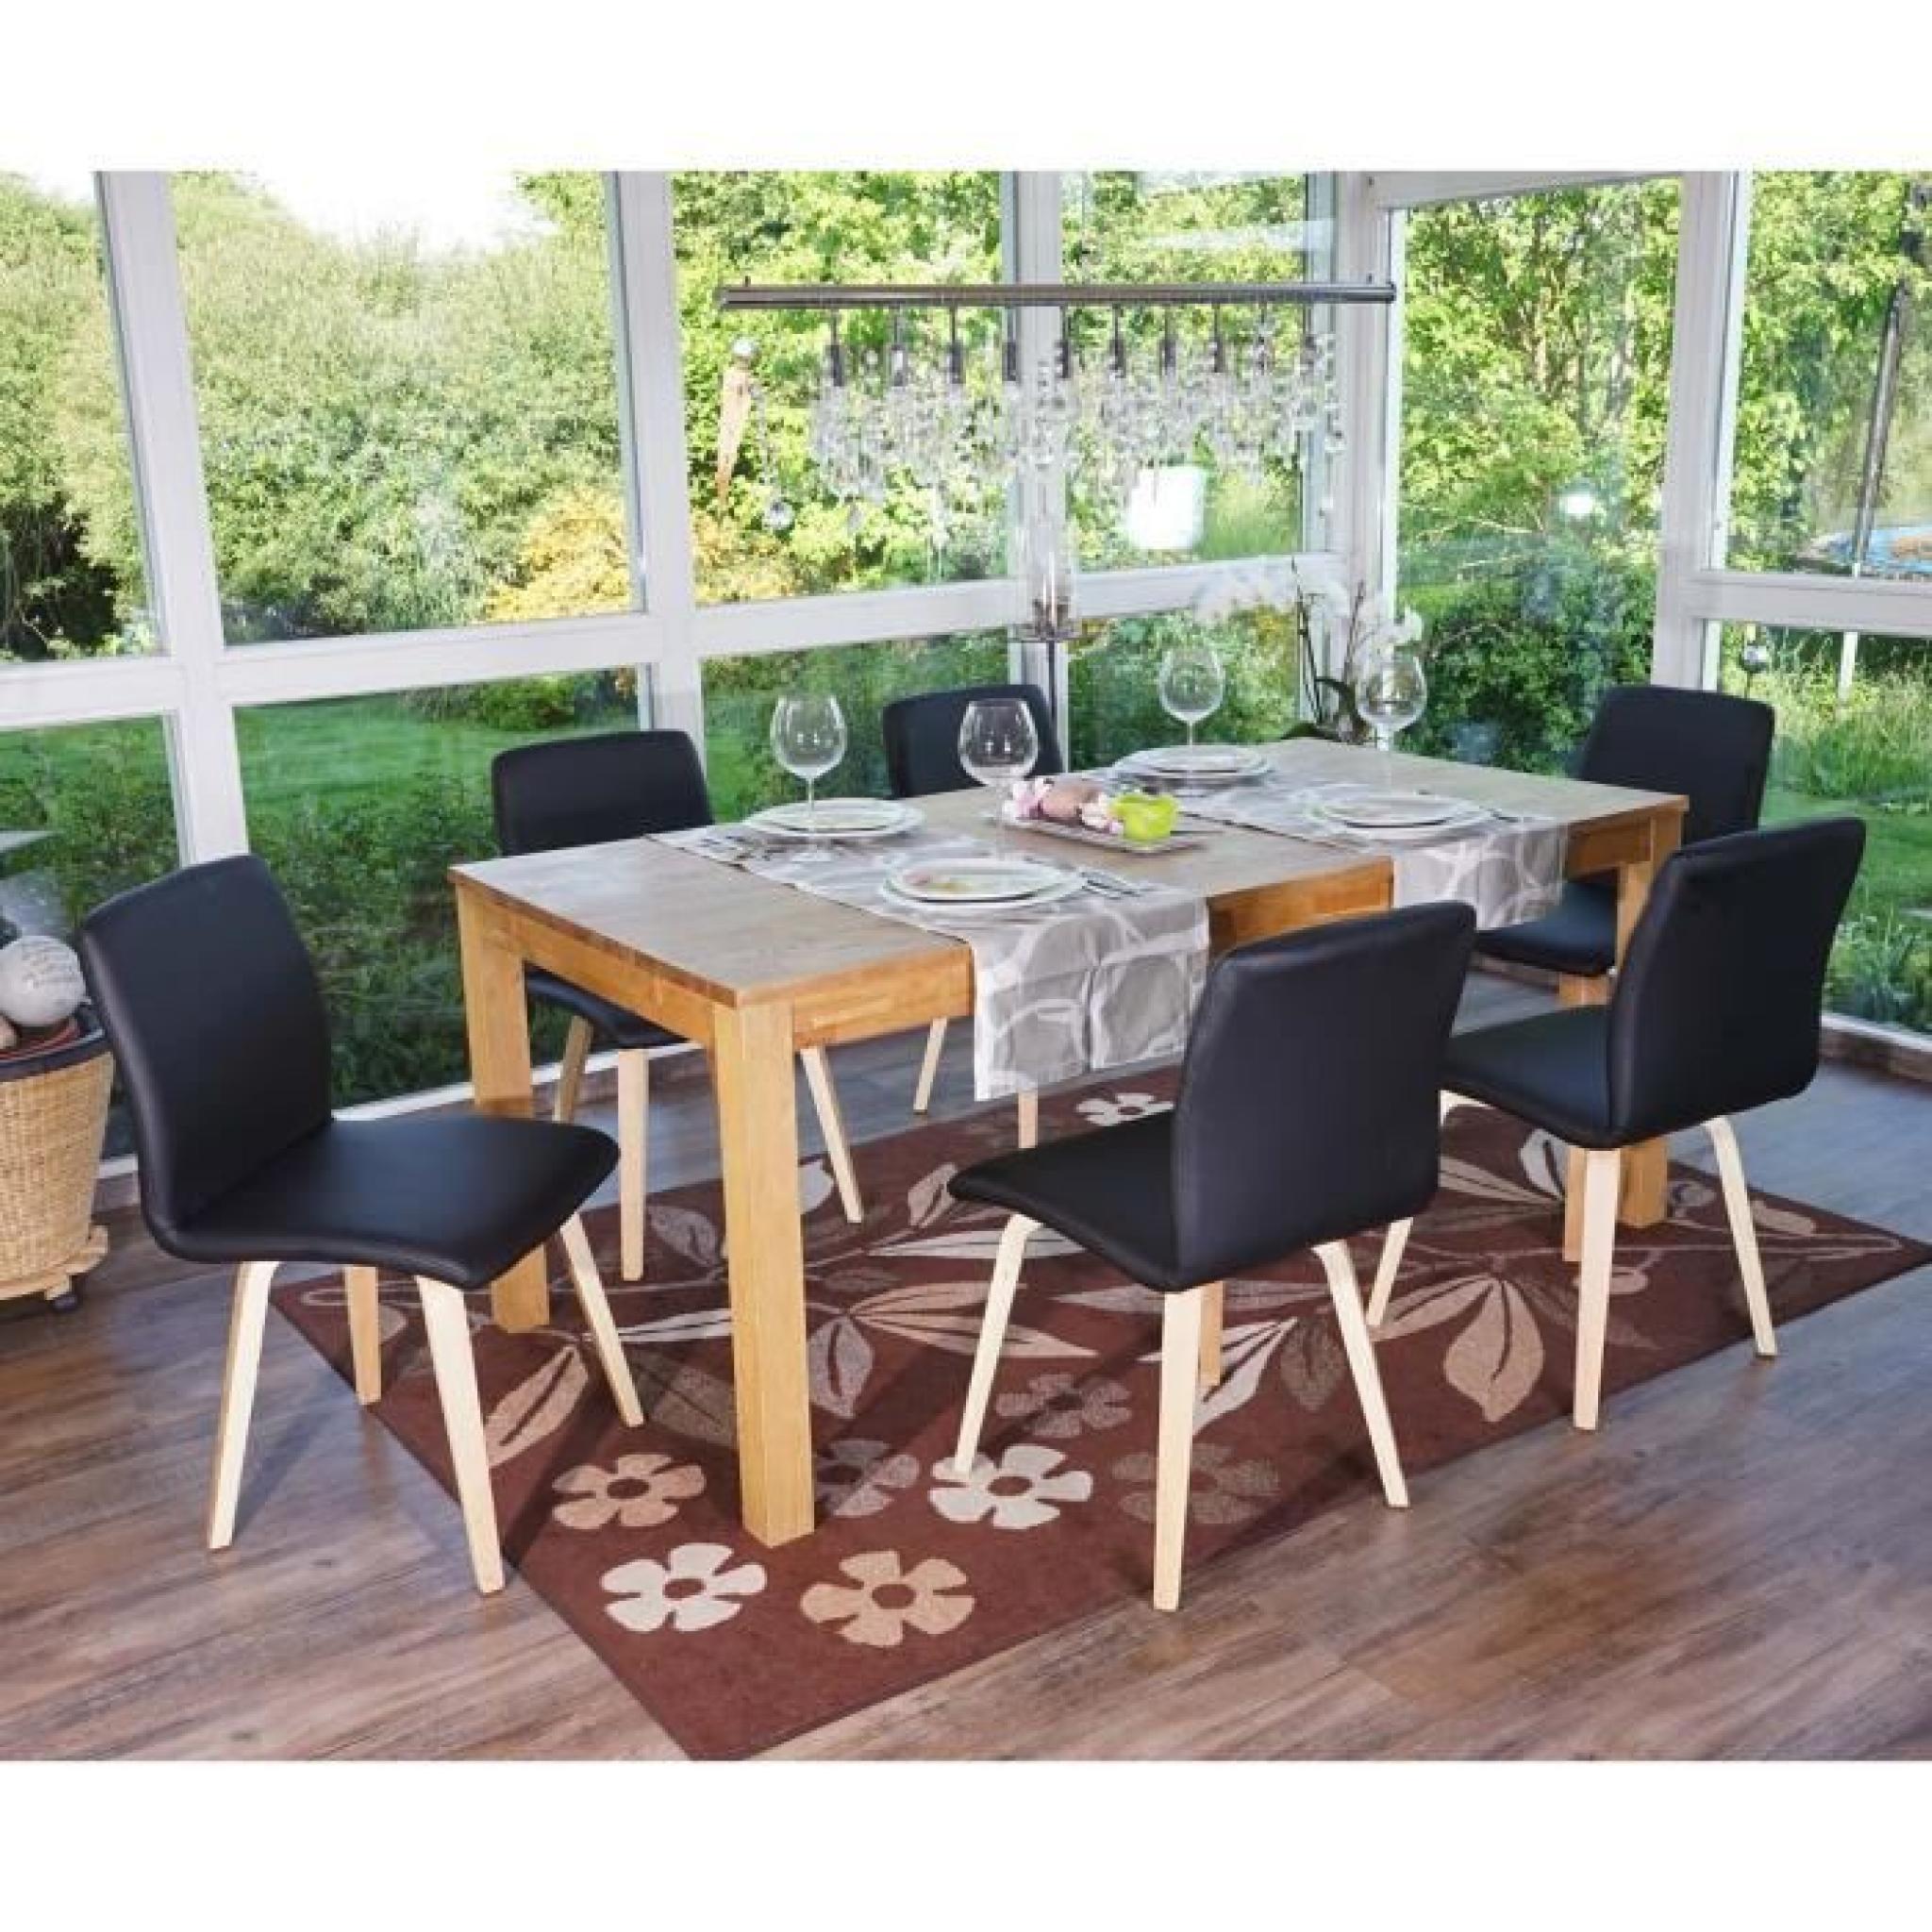 Lot de 6 chaises de s jour bendorf style r tro pieds for Chaises pas cher lot de 6